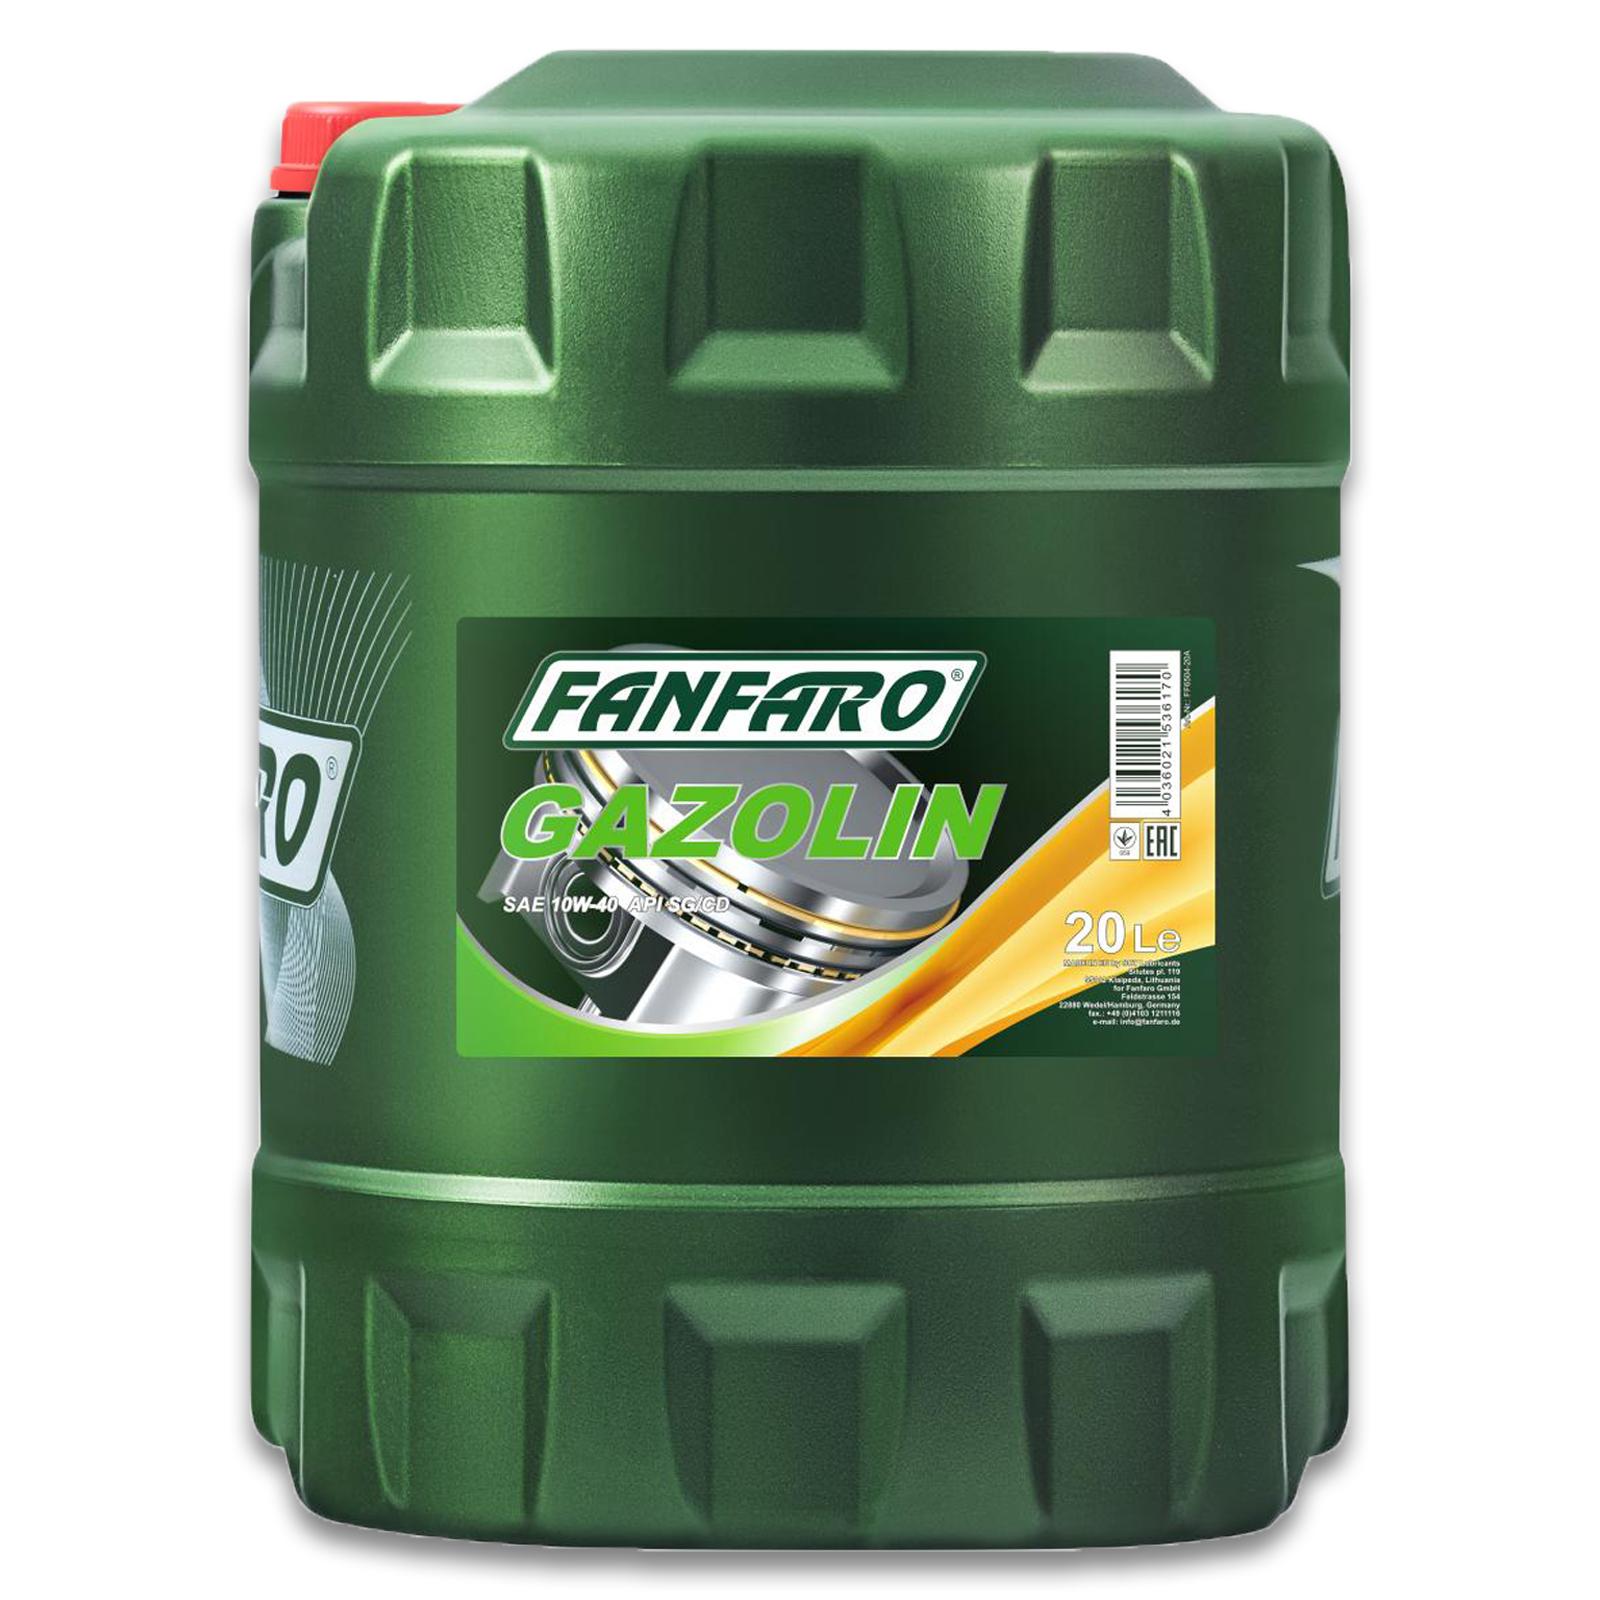 FANFARO GAZOLIN 10W-40 MOTORÖL 20L